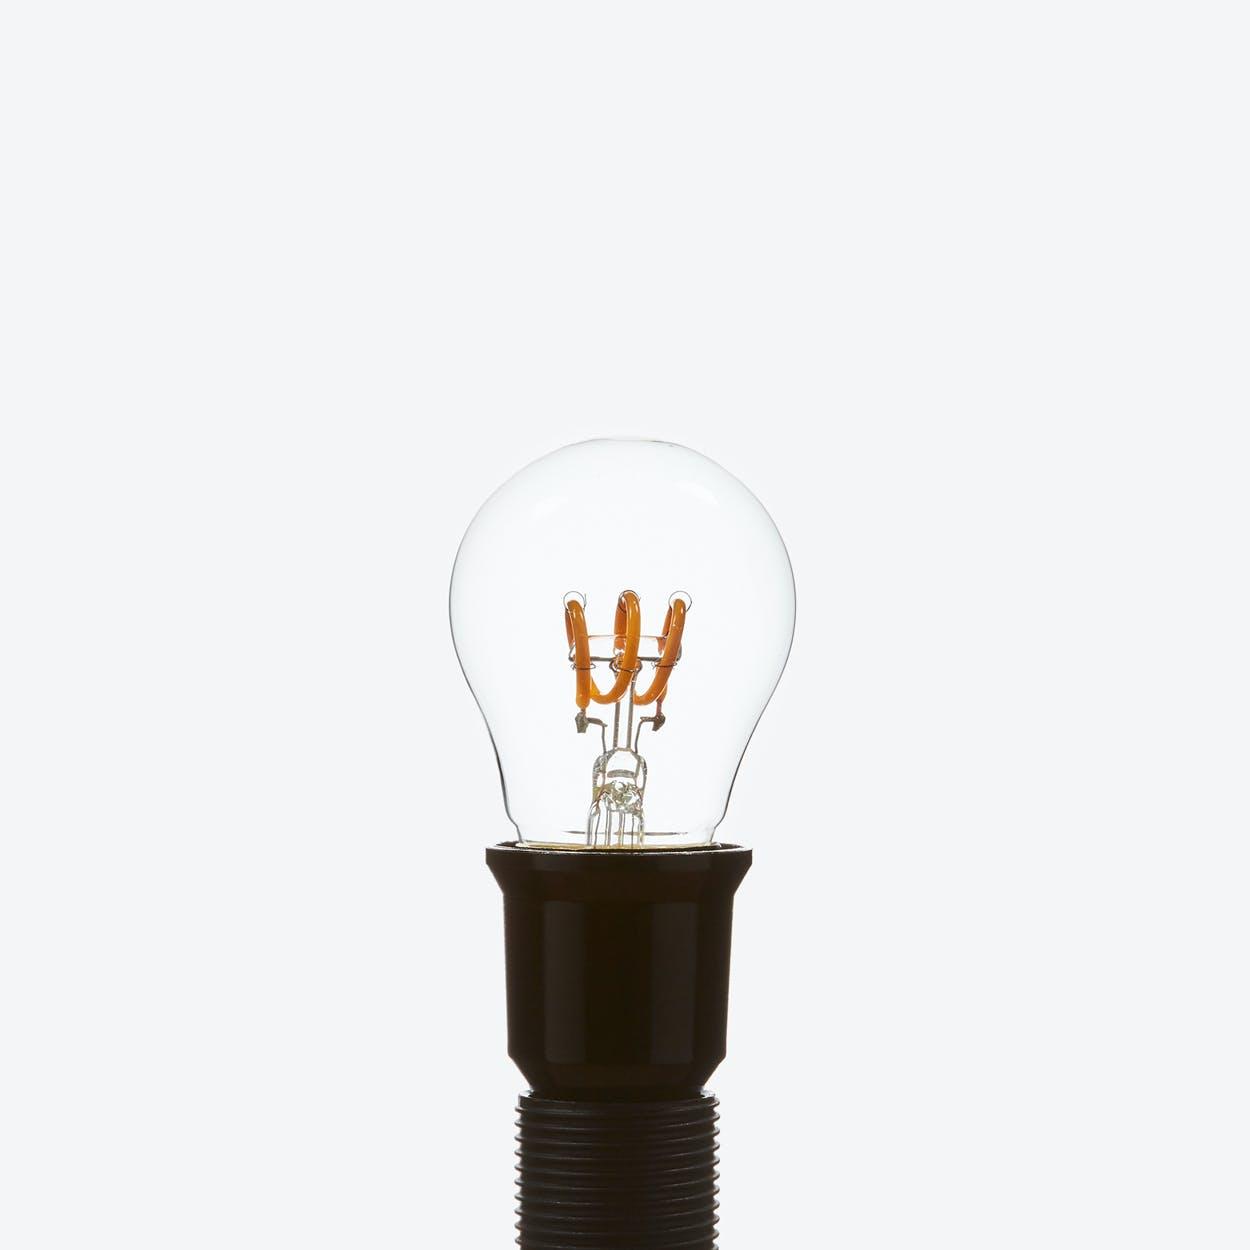 Nesso LED Filament Light Bulb